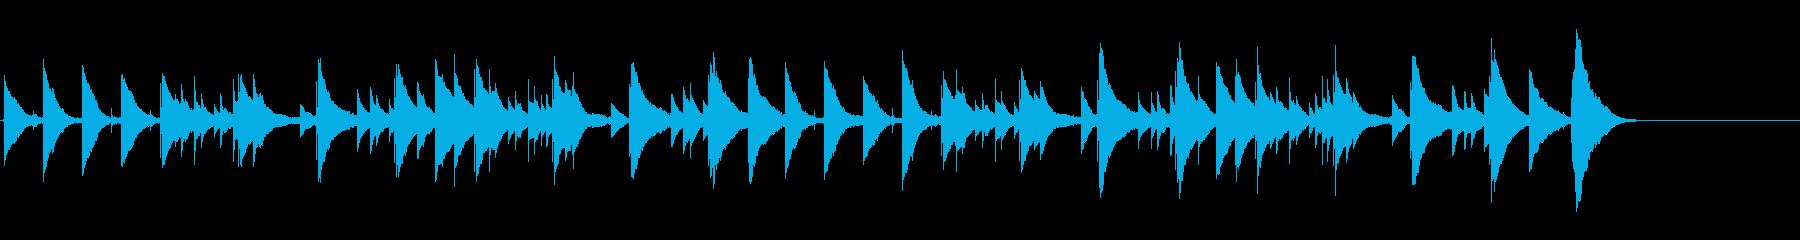 ホラー感ある美しく切ないオルゴールの再生済みの波形